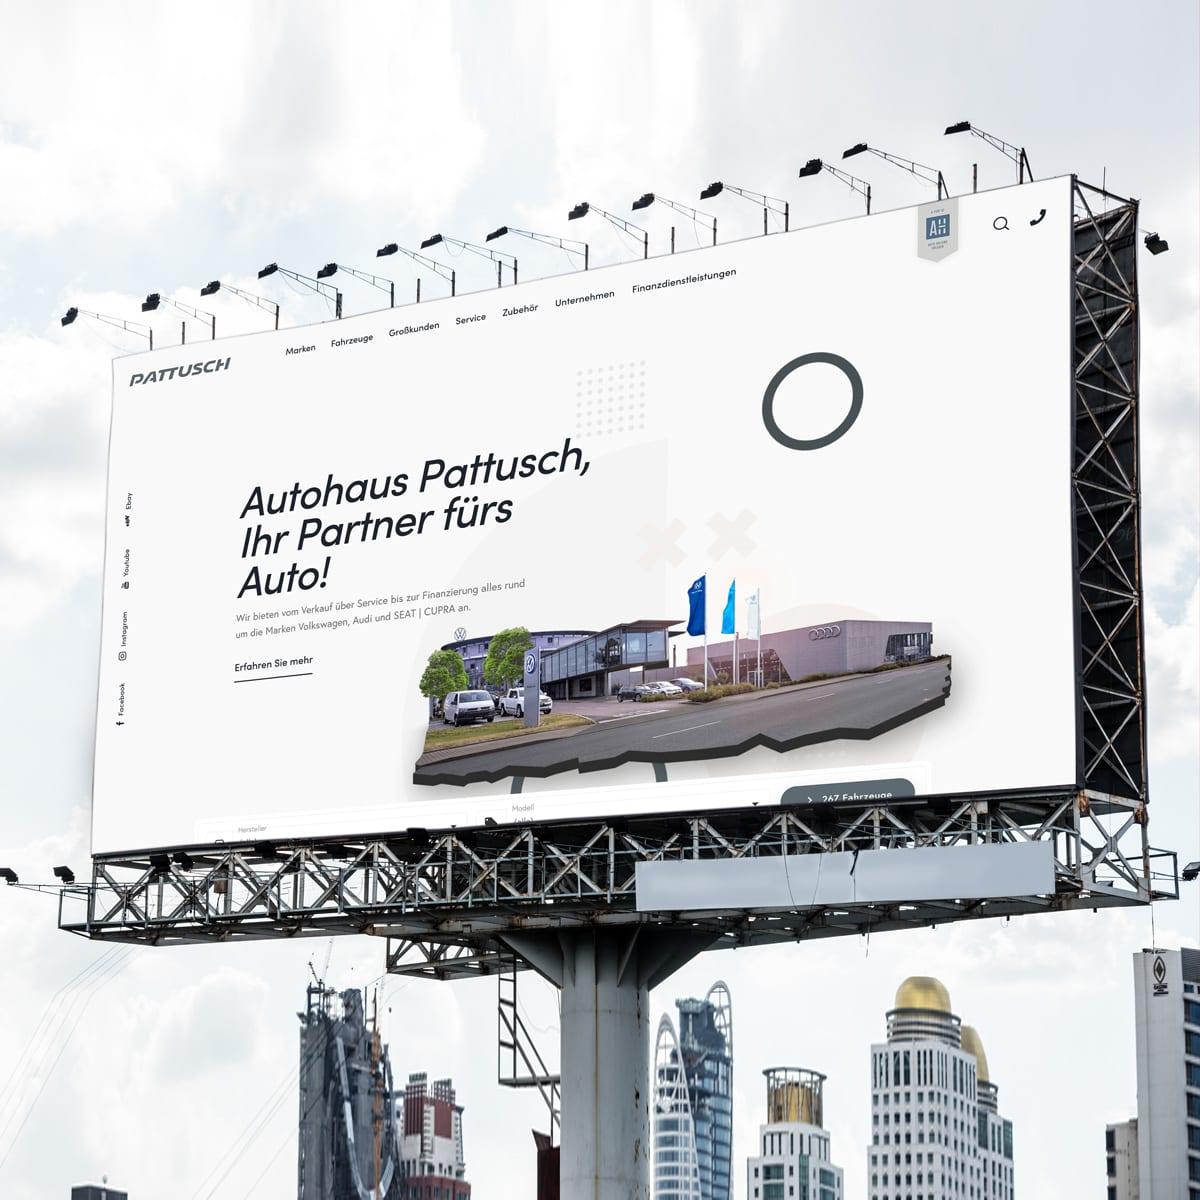 Autohaus Pattusch